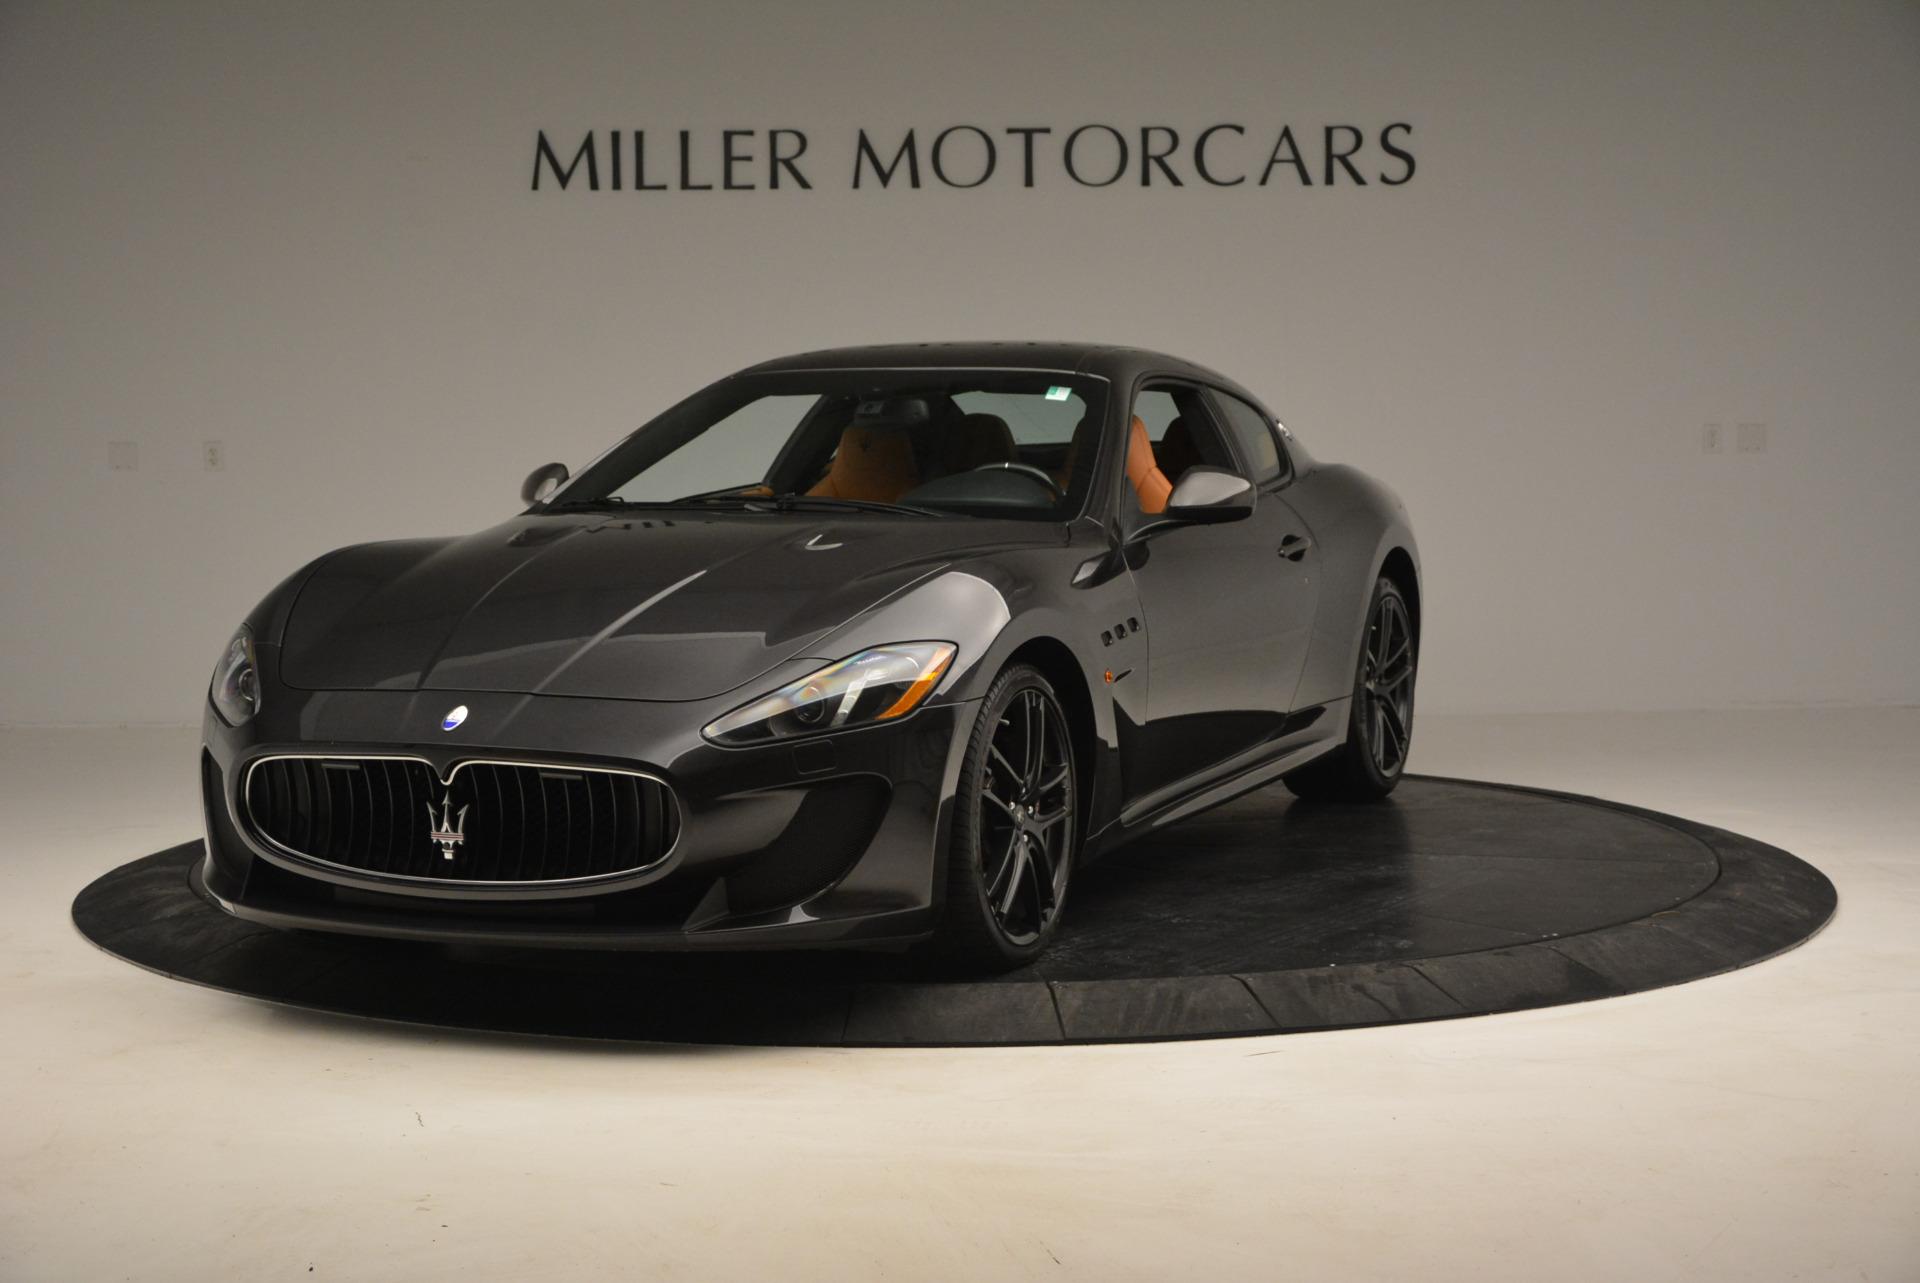 Used 2013 Maserati GranTurismo MC For Sale In Greenwich, CT 773_main